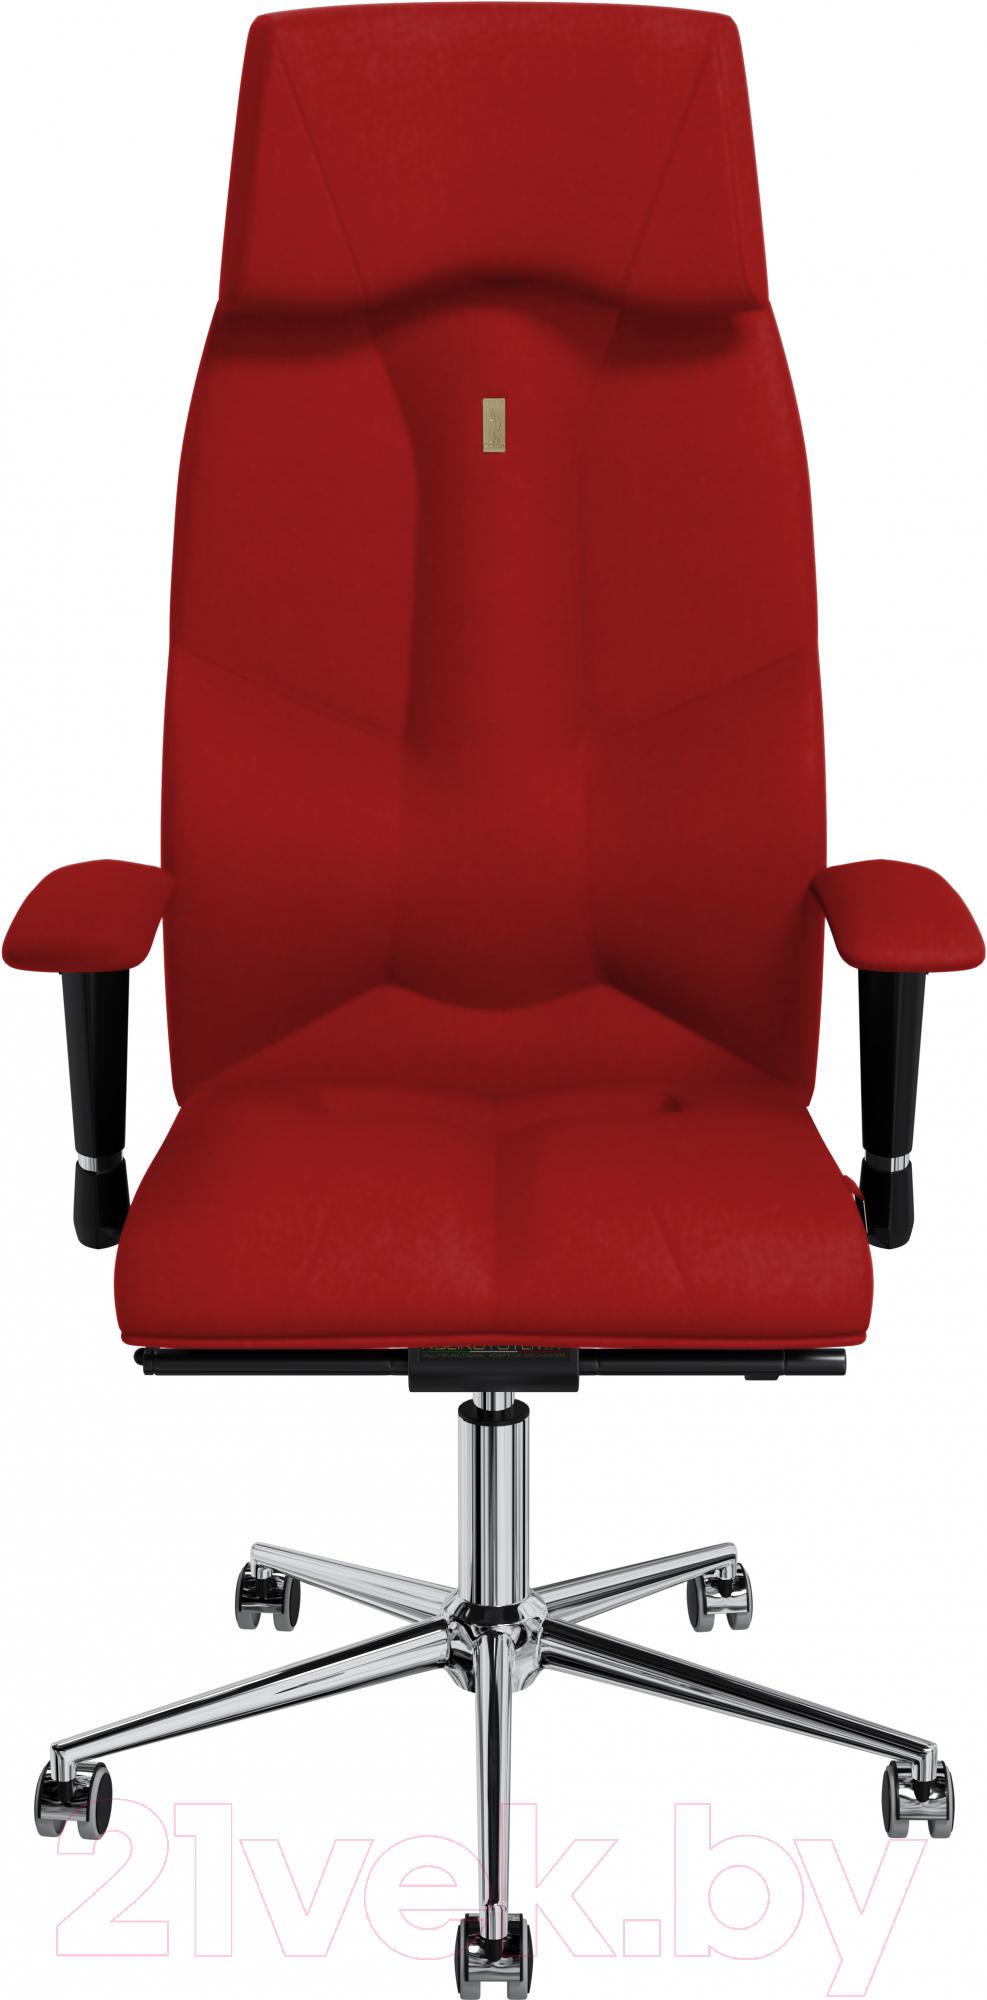 Купить Кресло офисное Kulik System, Business экокожа (красный с подголовником), Украина, Business (Kulik System)